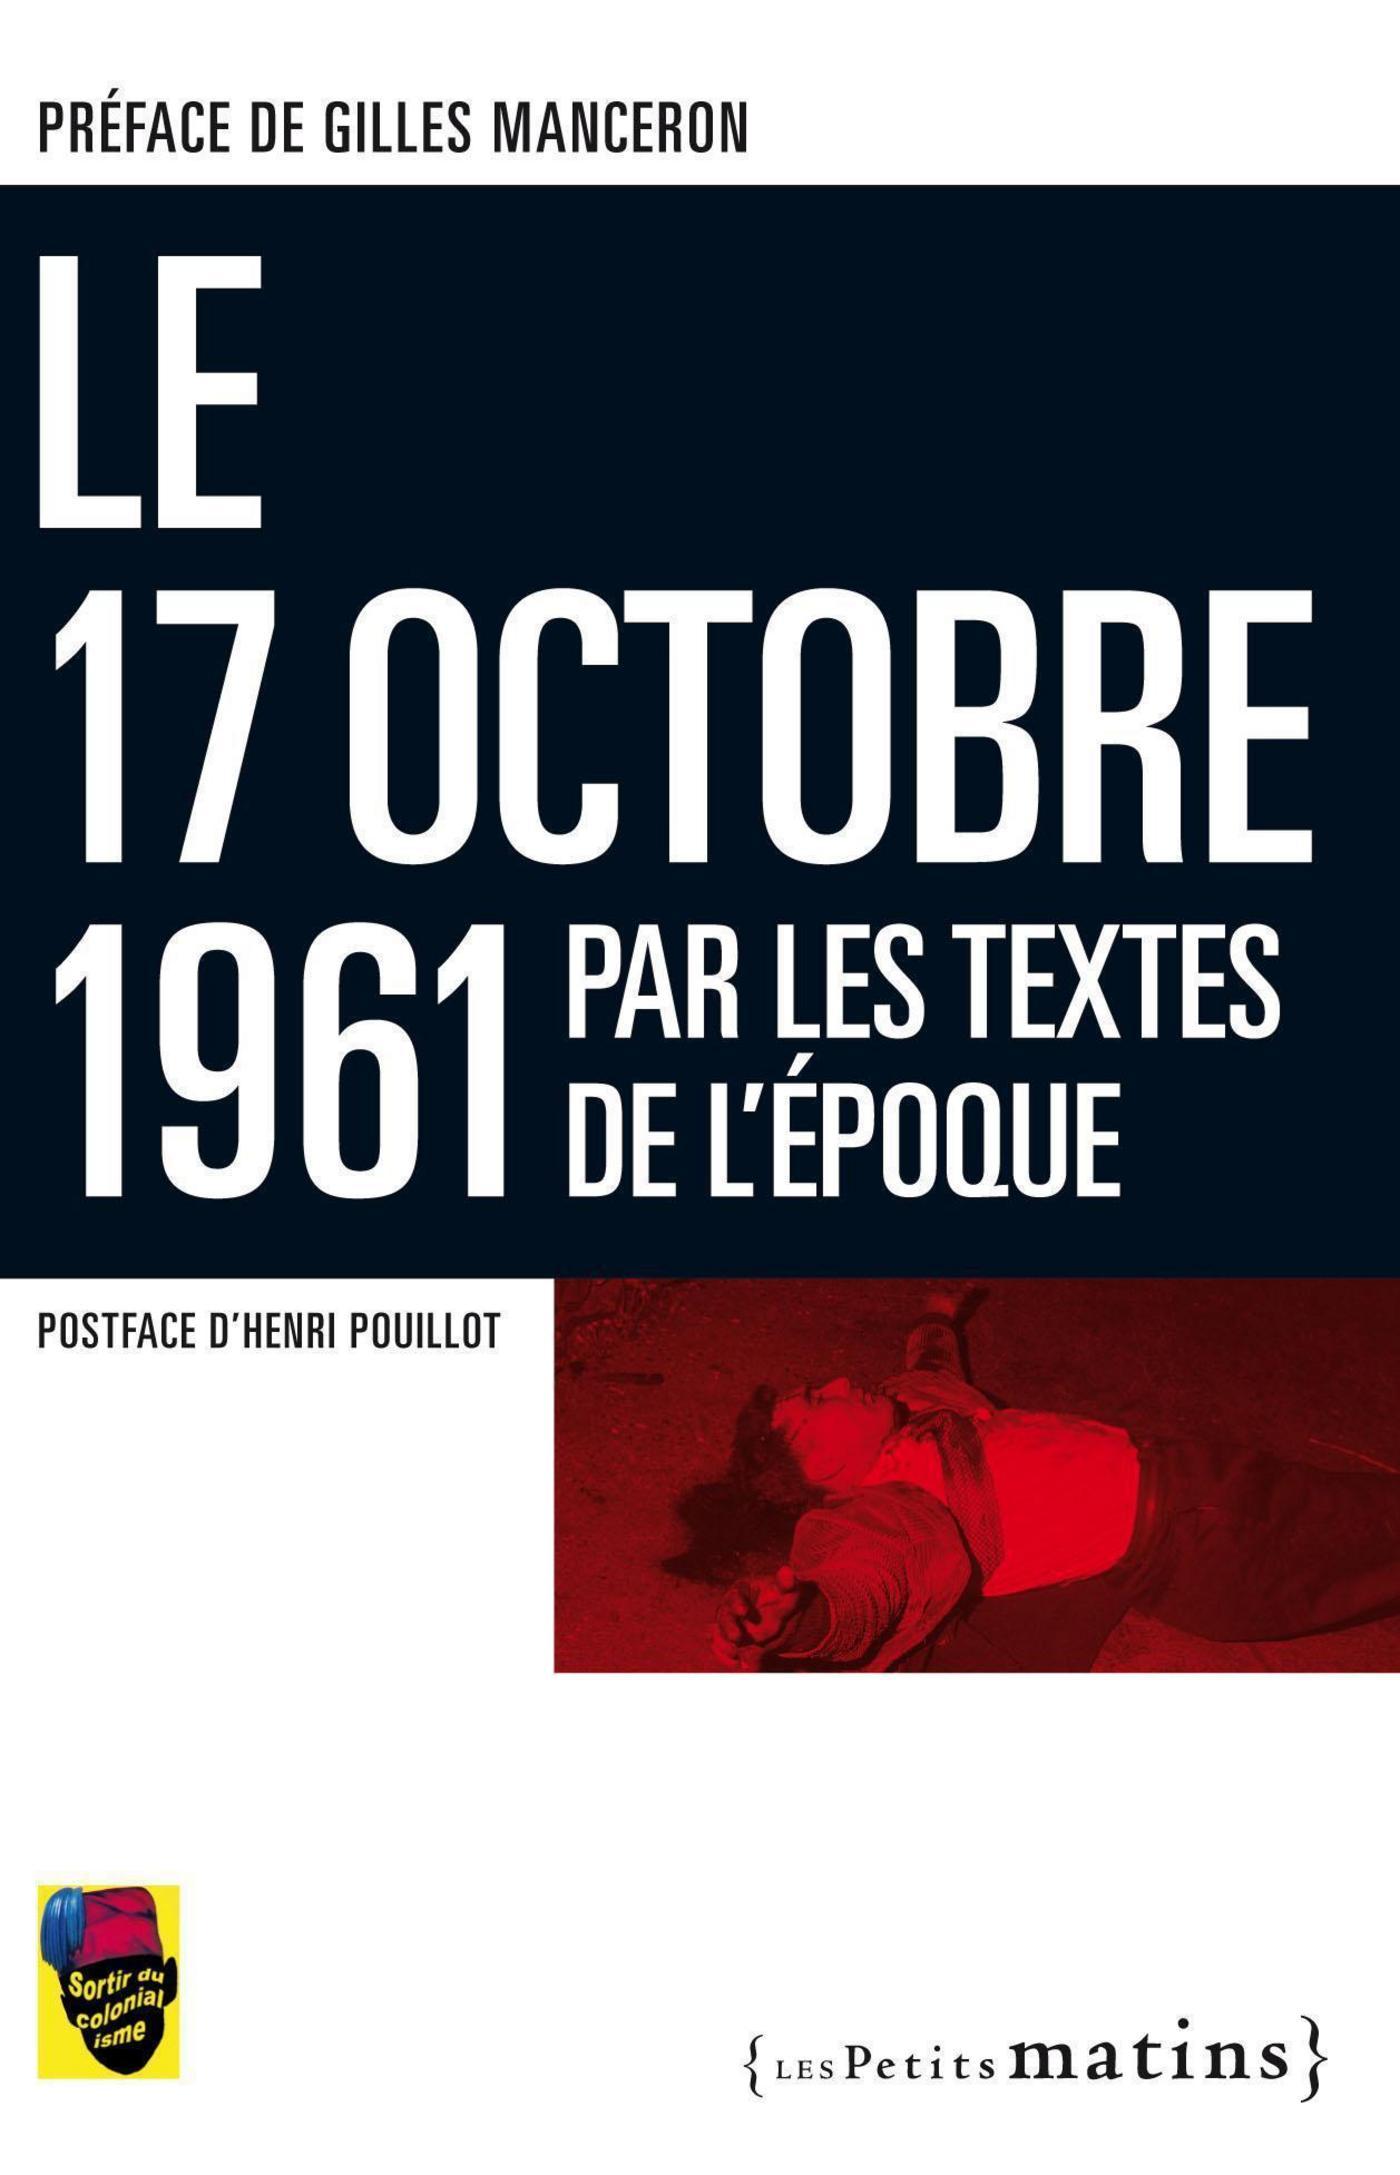 17 octobre 1961 par les tex...